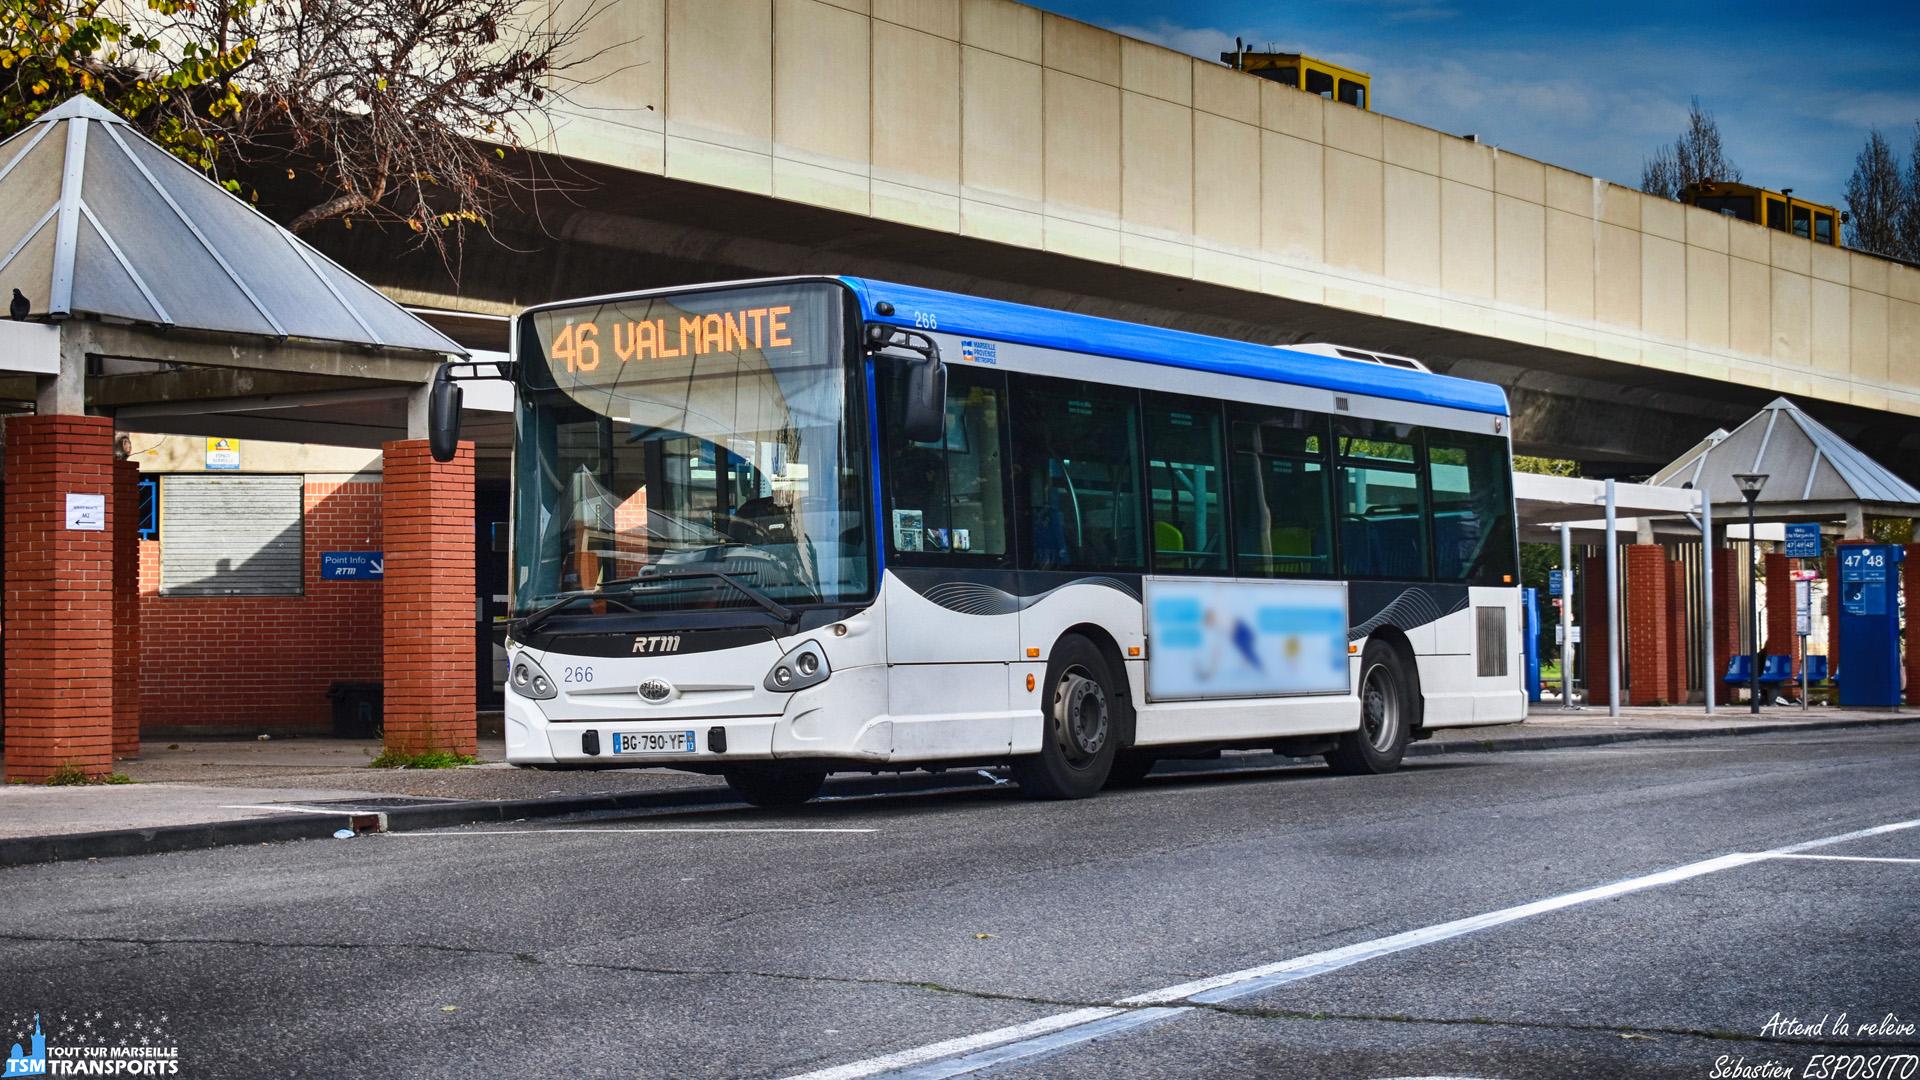 Cet Heuliez bus GX 127 arrivé à son terminus il y a 1 minute, attend la relève du conducteur précédent qui viens de finir journée. . ℹ️ Heuliez bus GX 127 RTM n°266. . 📍 Gare d'échange du Métro Sainte Marguerite Dromel, 9eme arrondissement de Marseille. . ↔️ 46 : Métro Sainte Marguerite Dromel - Valmante. . 👀 Nous pouvons apercevoir sur la passerelle en arrière plan, 2 draisines RTM en sortie exceptionnelle suite au déraillement d'une voiture du Métro sur la même station. . 📸 Nikon D5600. . 📷 Nikkor 18-55mm. . 📅 22 Décembre 2018 à 11:31. . 👨 Sébastien ESPOSITO.